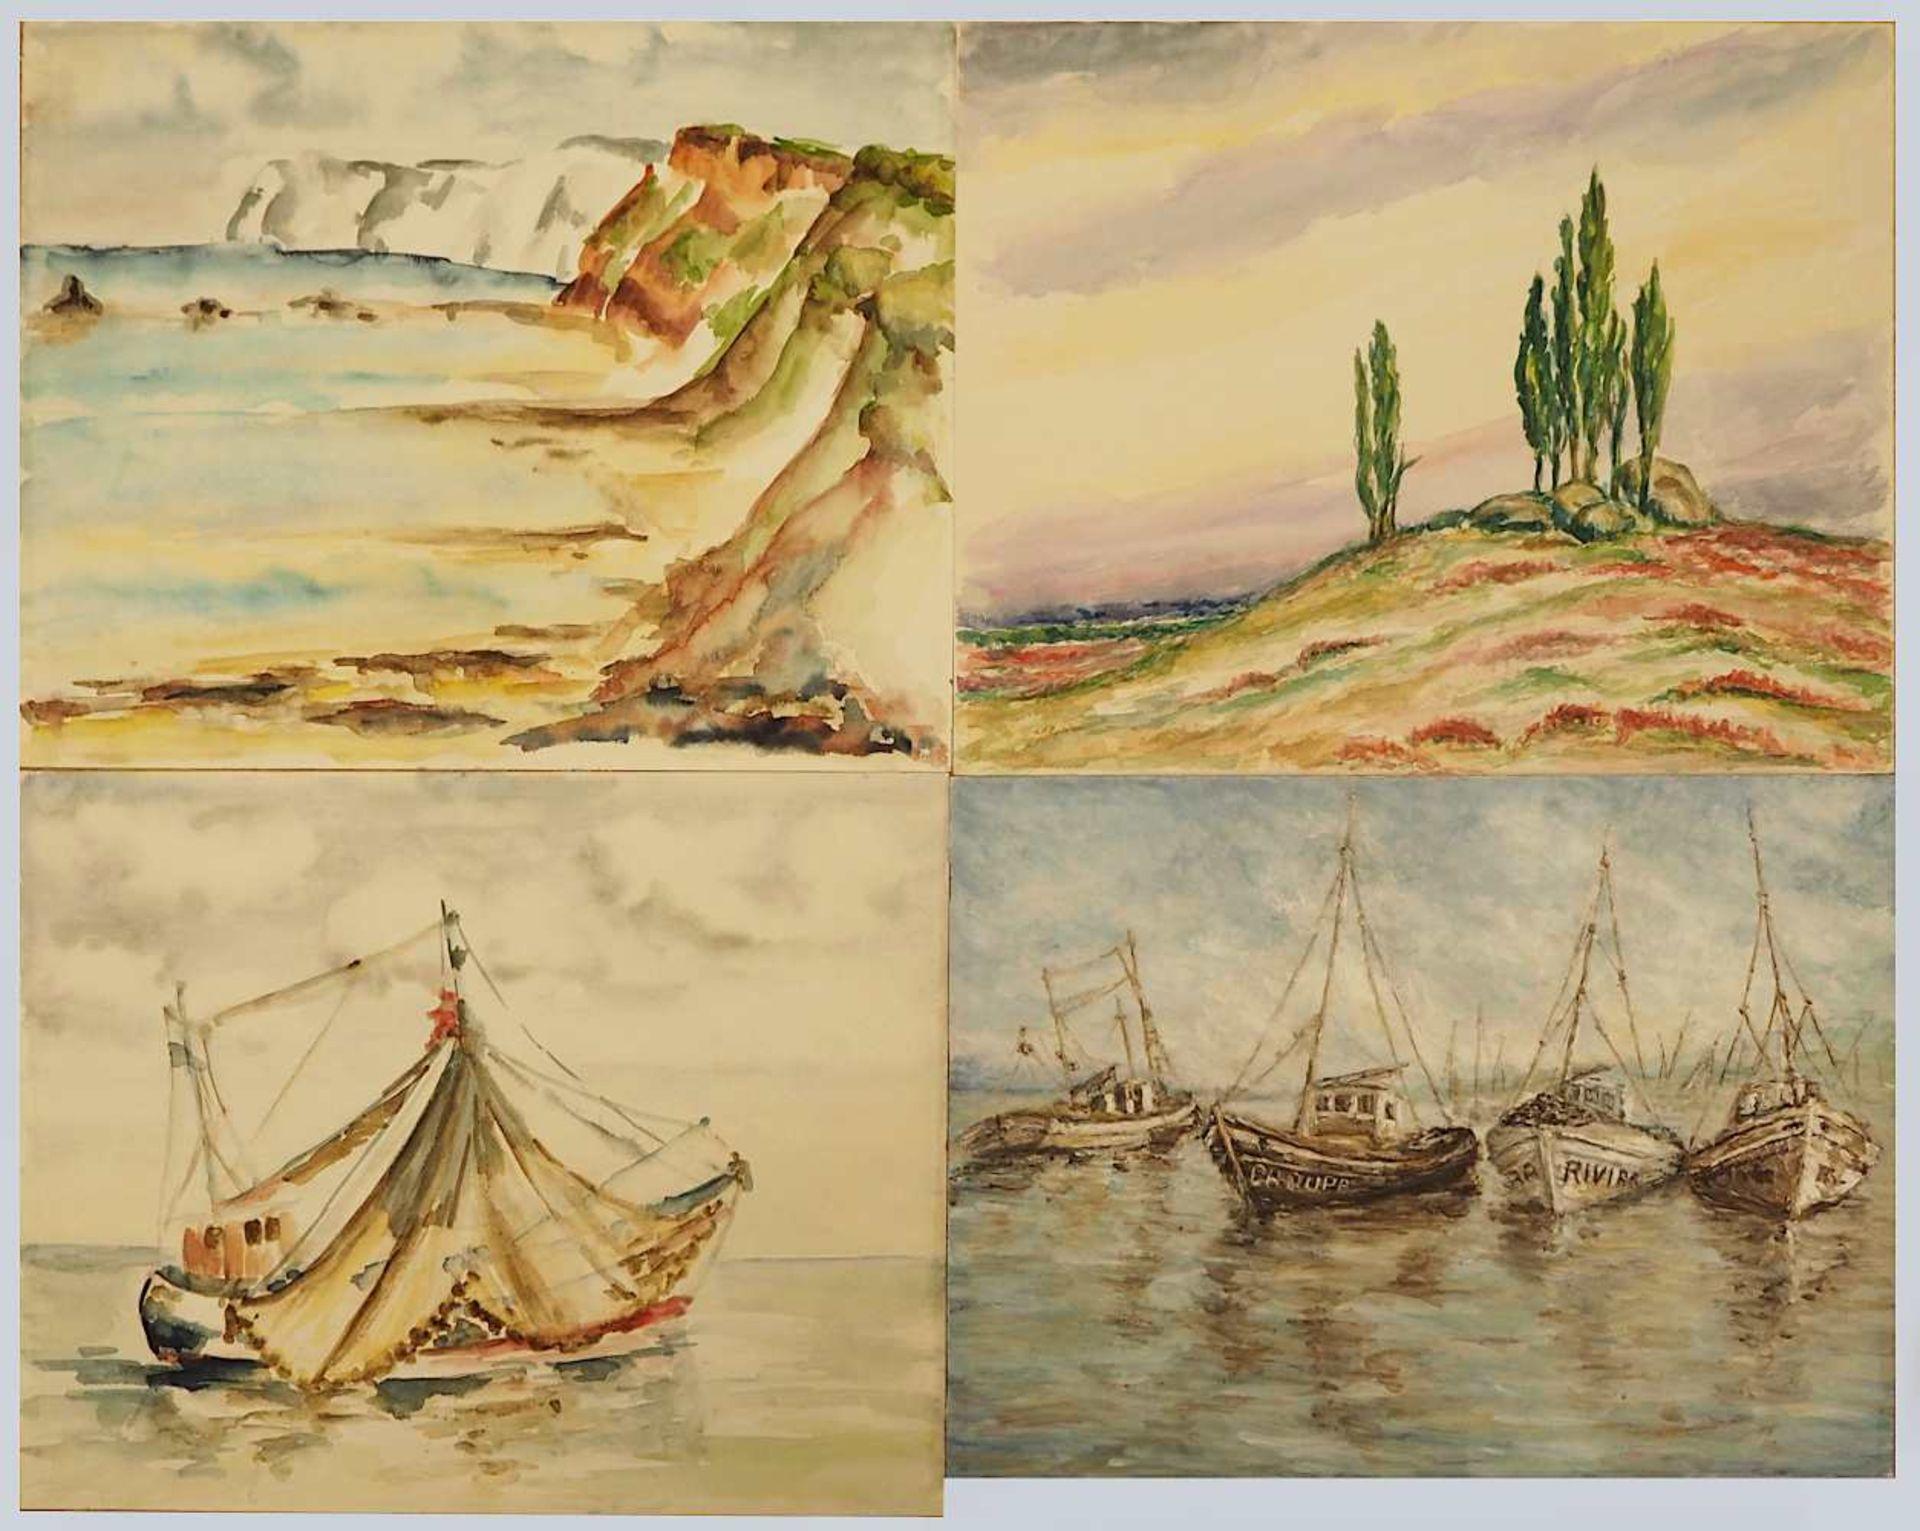 1 Sammlung Aquarelle/Temperamalereien überwiegend der 1960er/1970er Jahre der Künstlerin Mecht